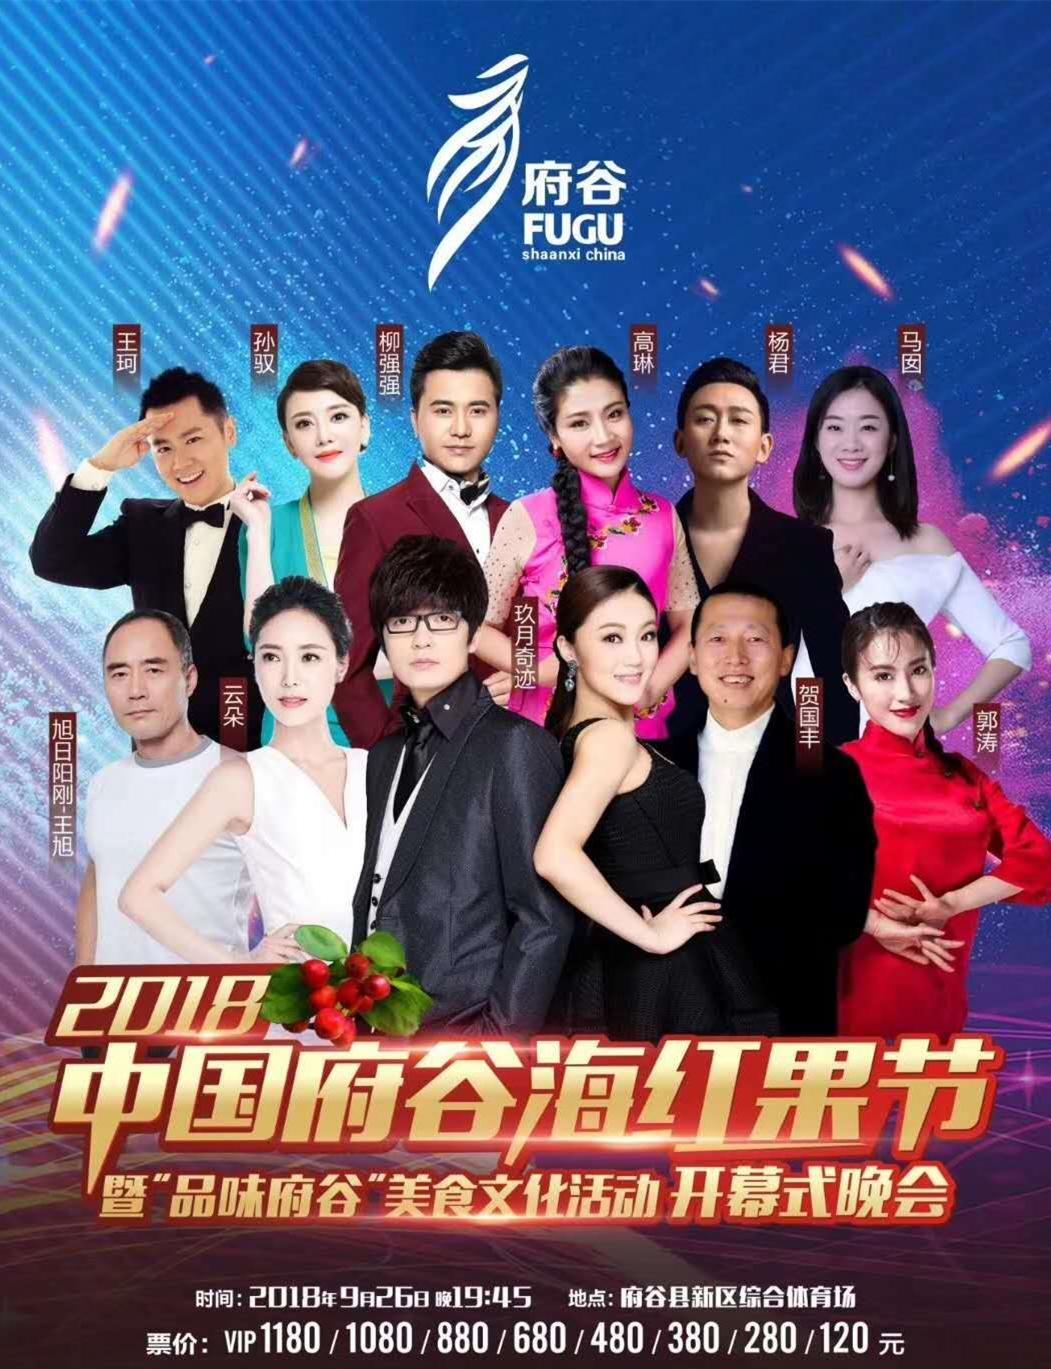 2018府谷海红果节群星演唱会